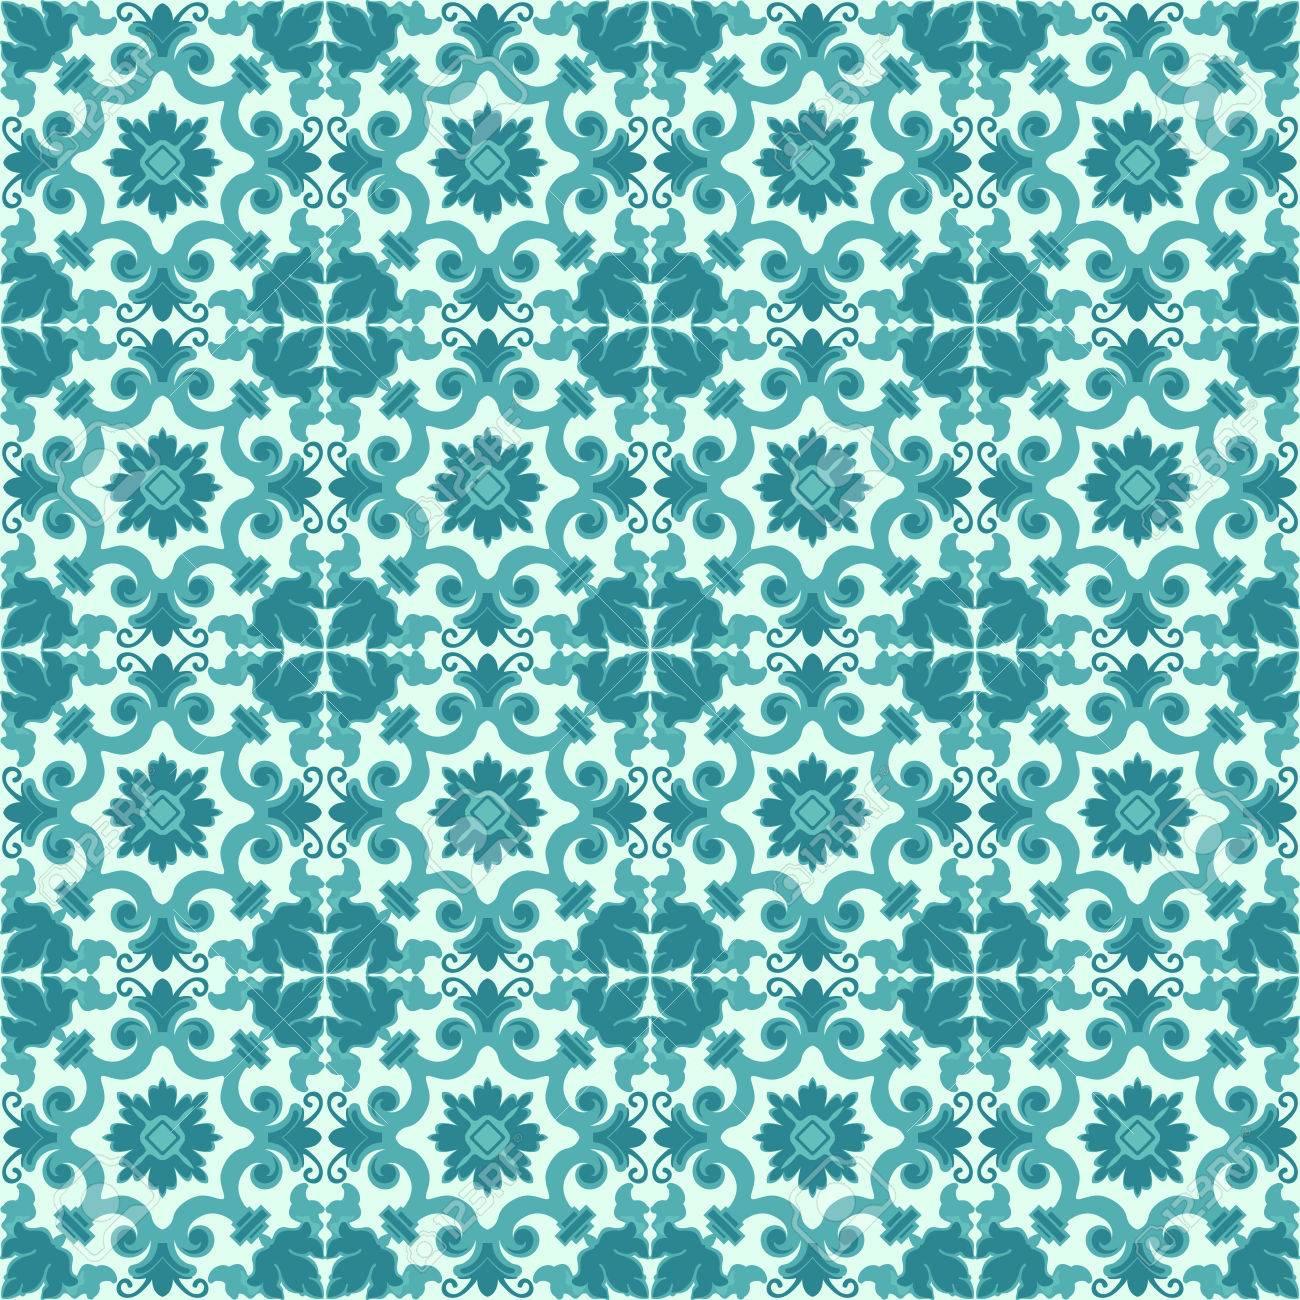 Fleur Fond Vintage Seamless Floral Pattern Resume Papier Peint